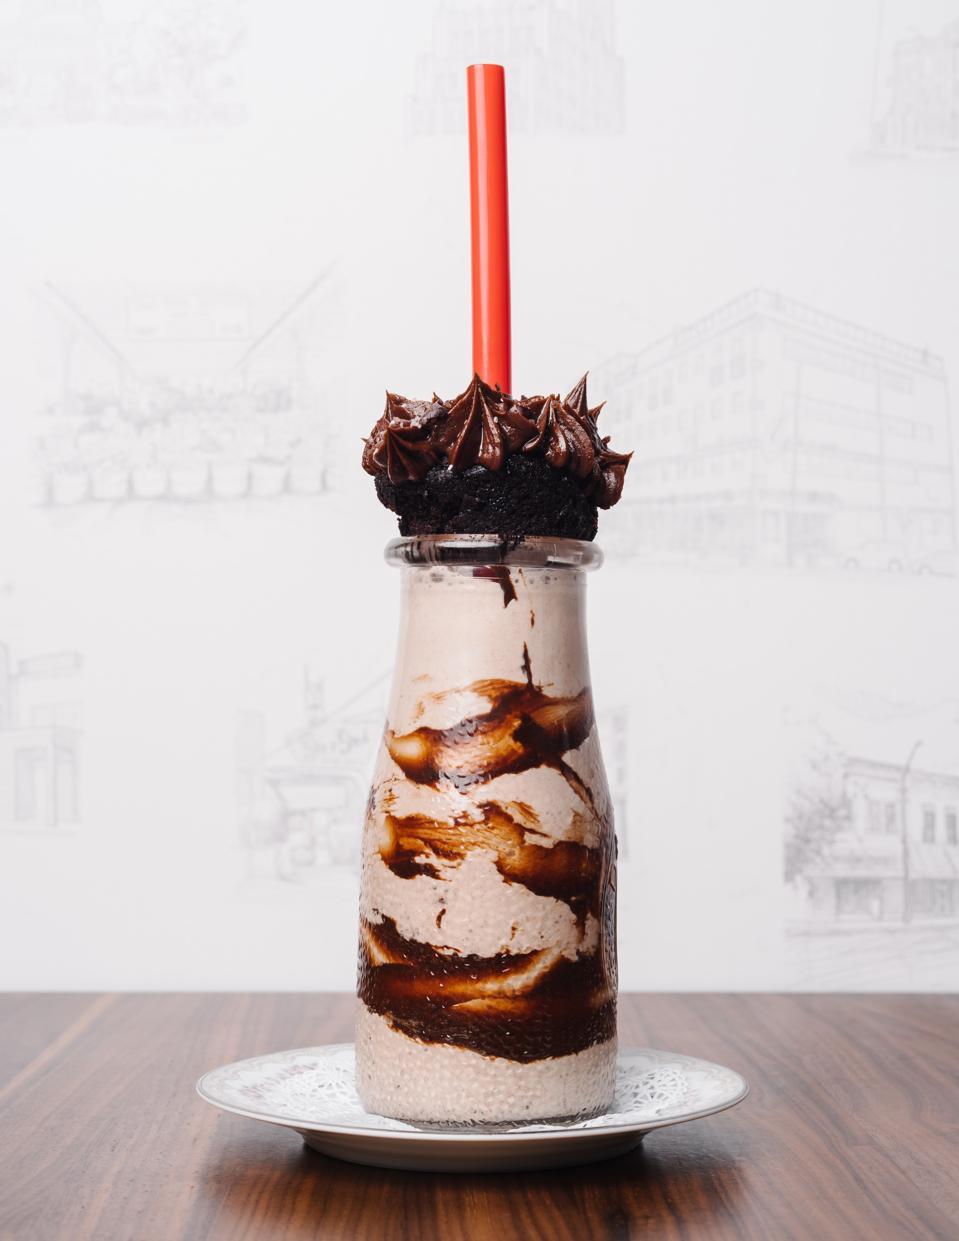 Chocolate Cupshake